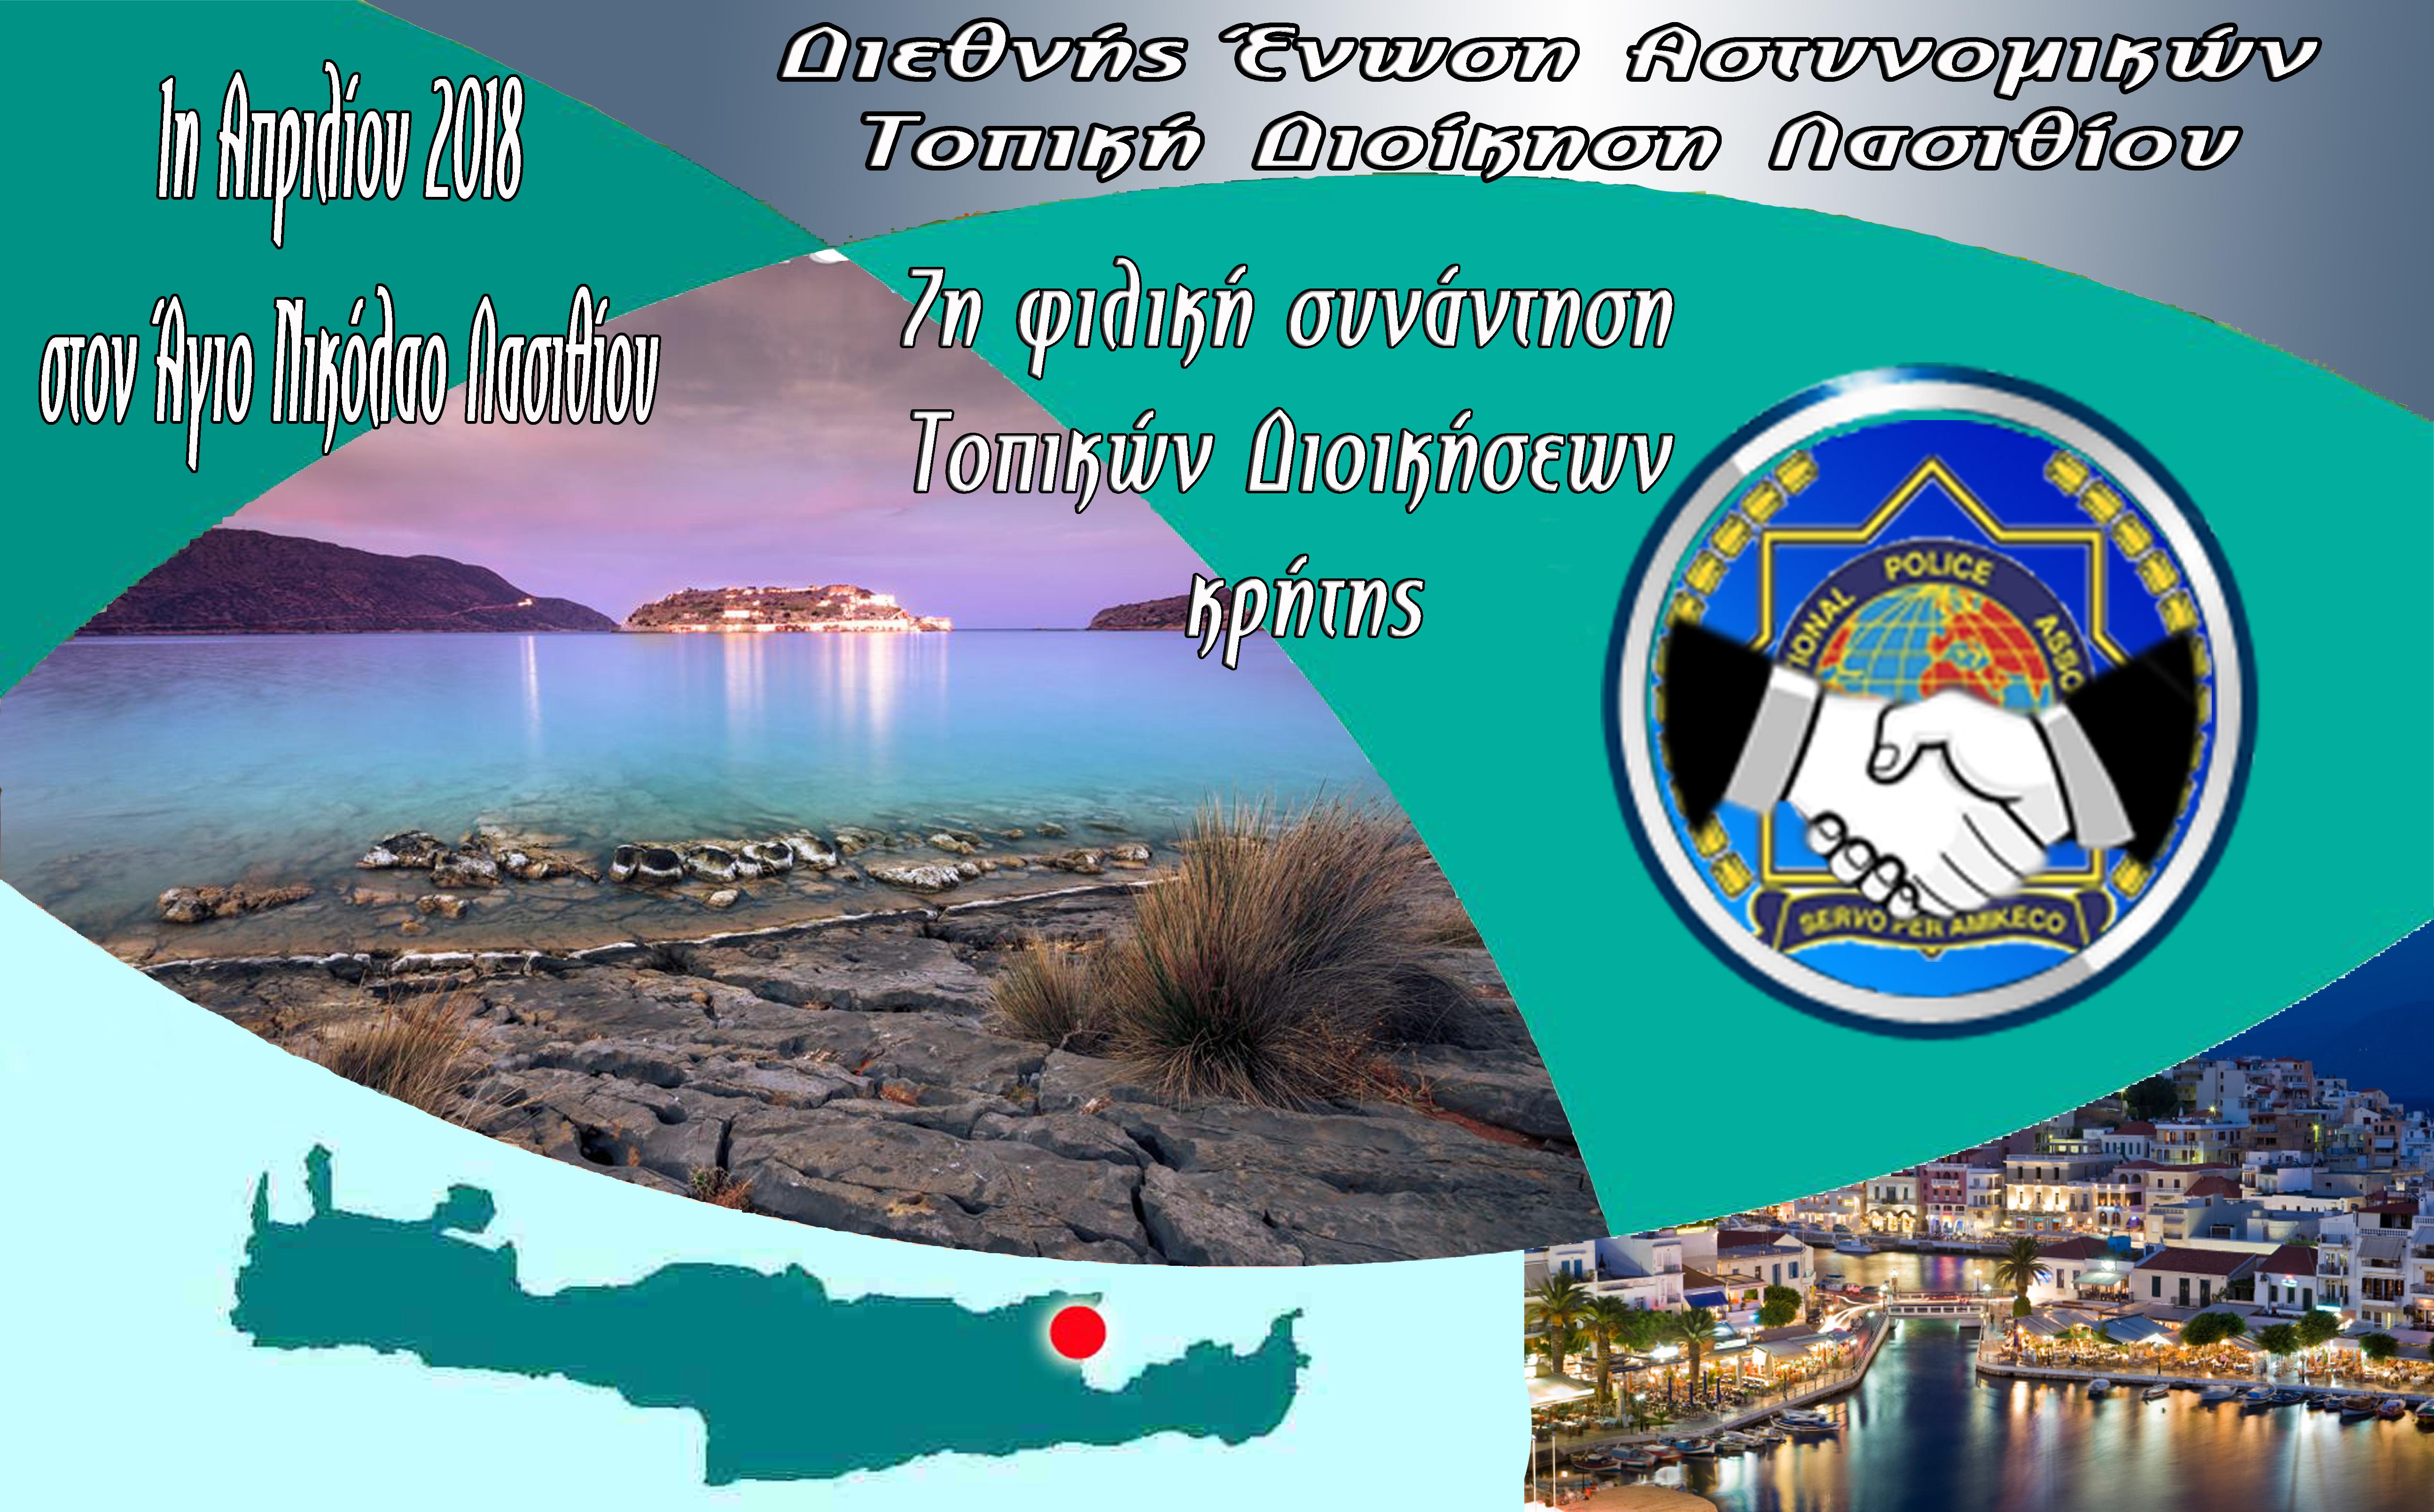 7η φιλική συνάντηση Τοπικών Διοικήσεων Κρήτης